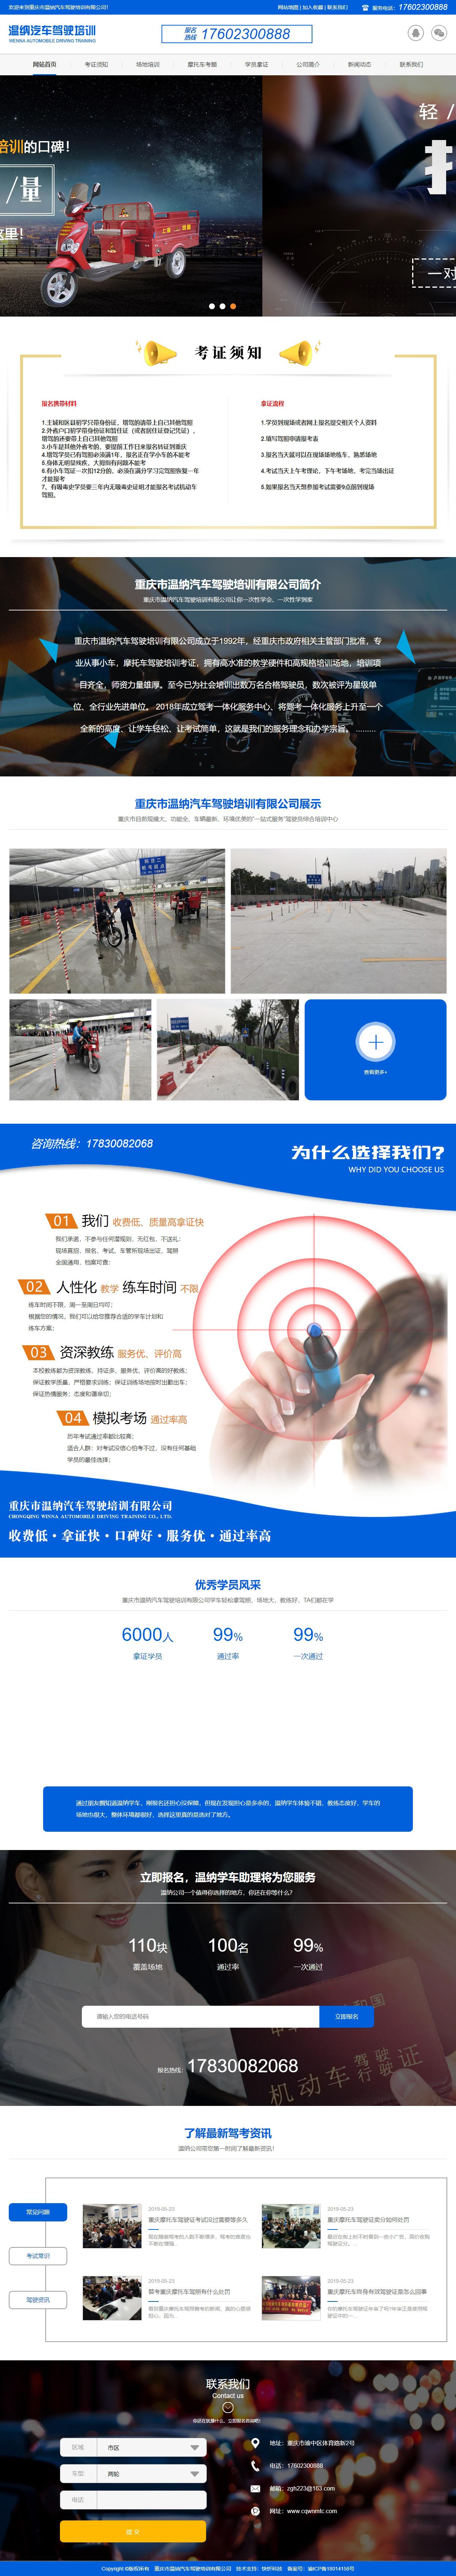 重庆市温纳汽车驾驶培训